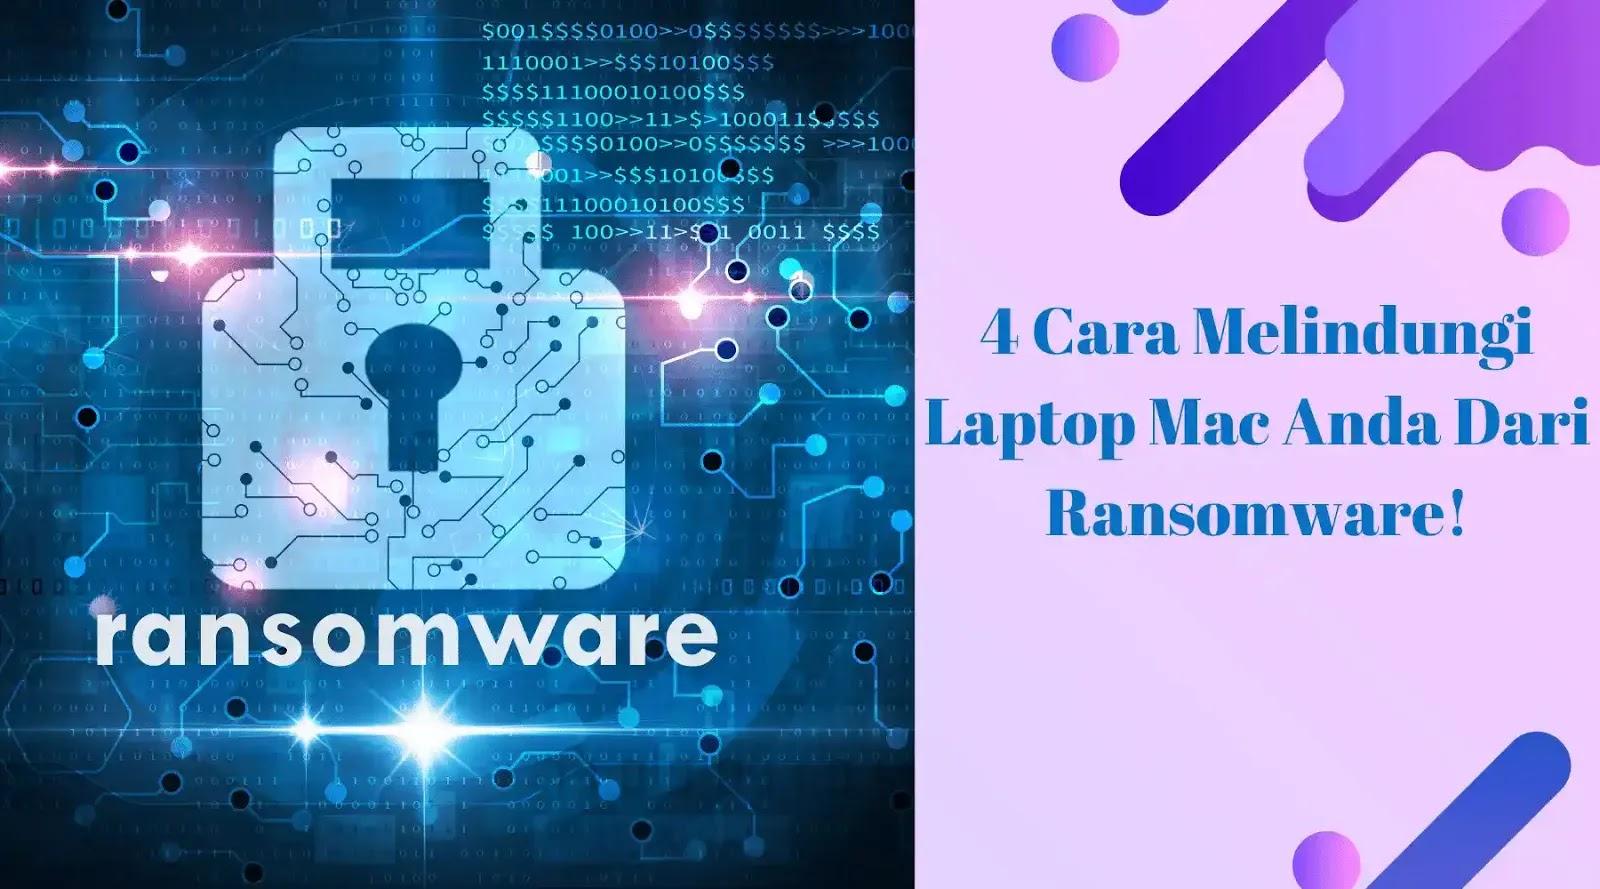 4 Cara Melindungi Laptop Mac Anda Dari Ransomware!